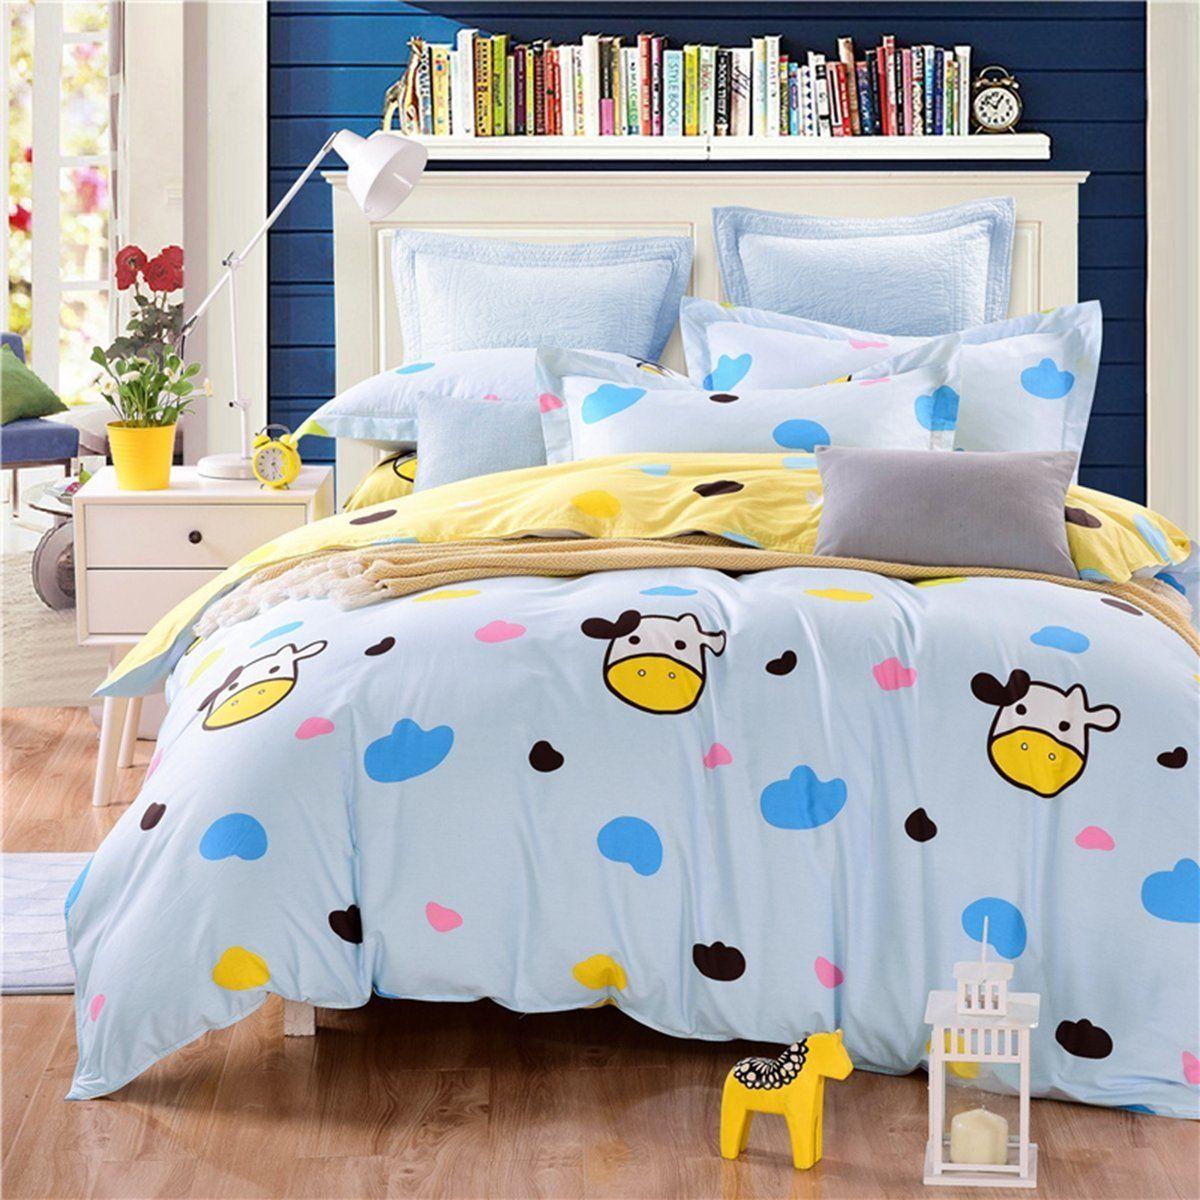 Best Casa 100 Cotton Kids Bedding Dairy Cow Duvet Cover Set 400 x 300